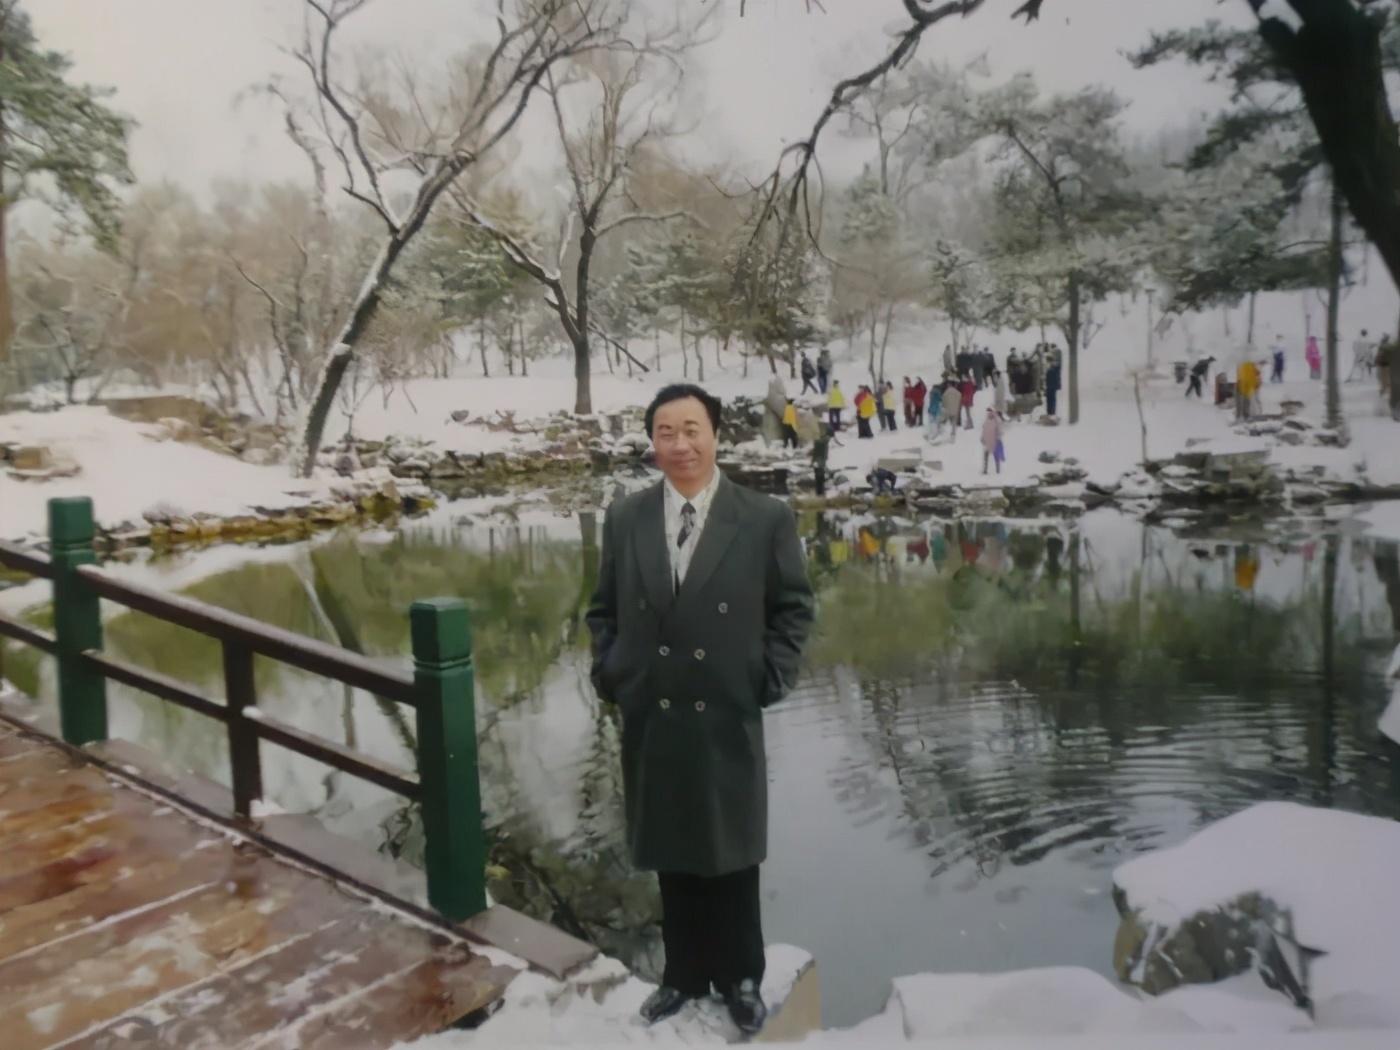 中国 中国当代书画巨匠陈鸣楼